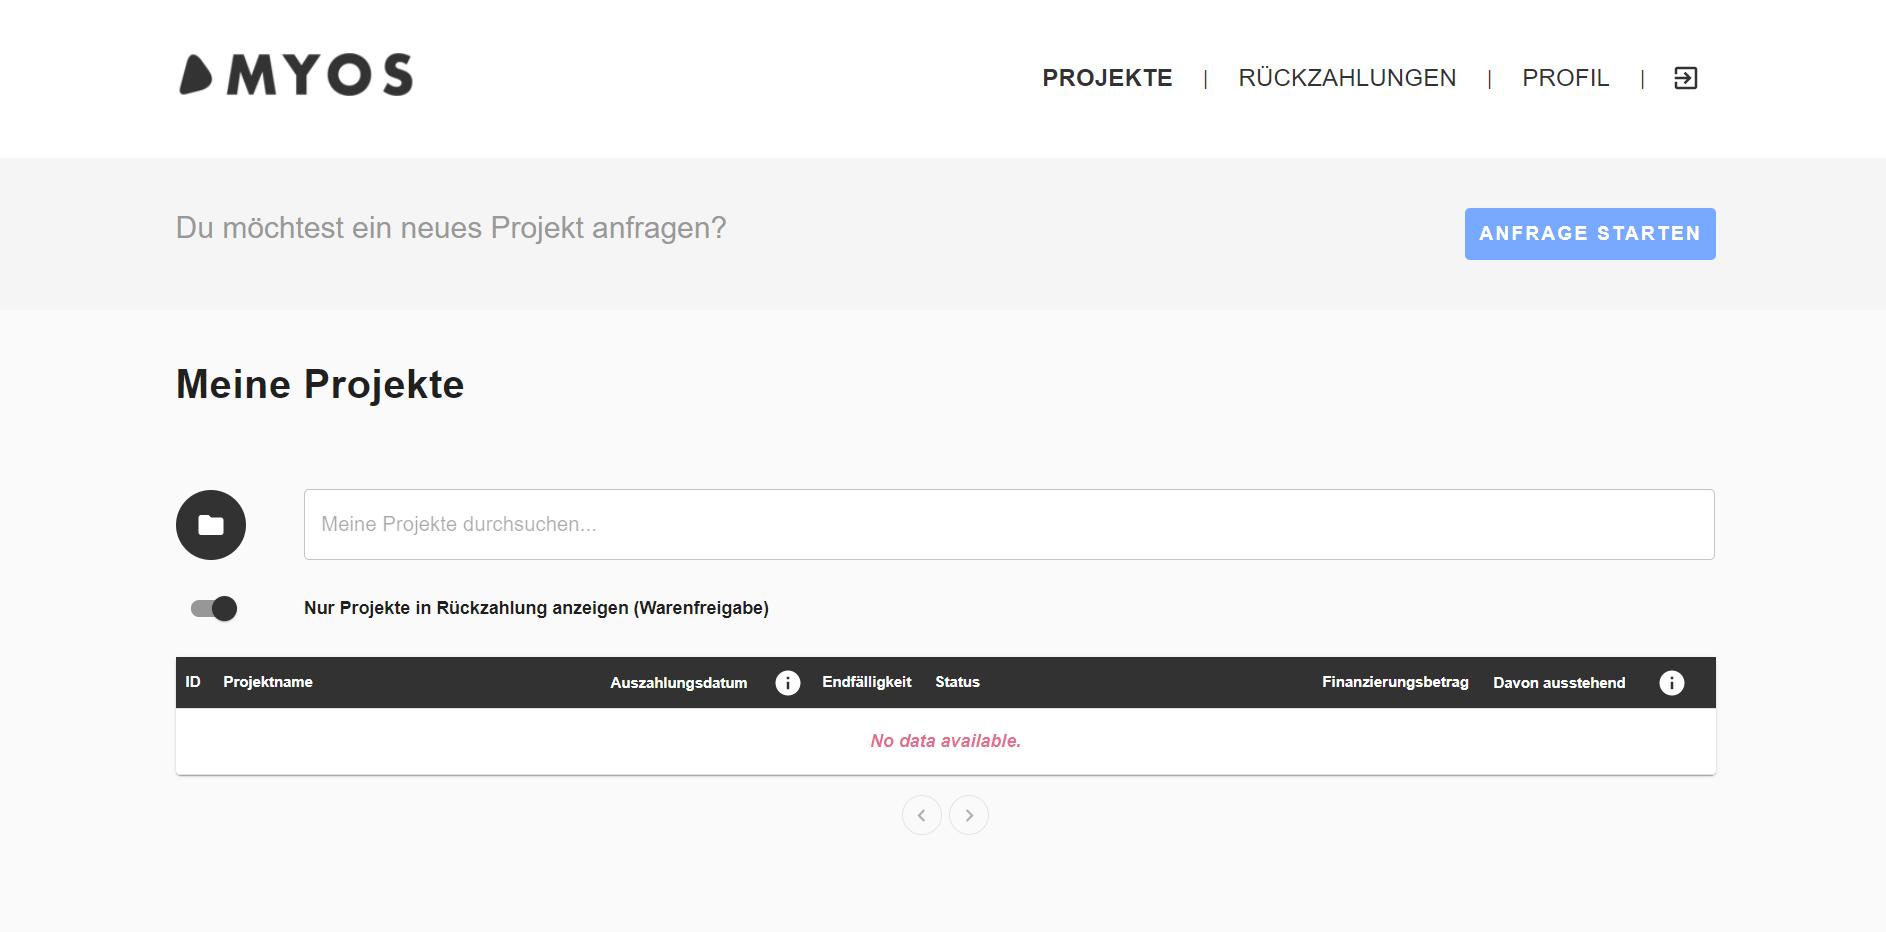 Myos App Finanzierung und aktuelle Projekte